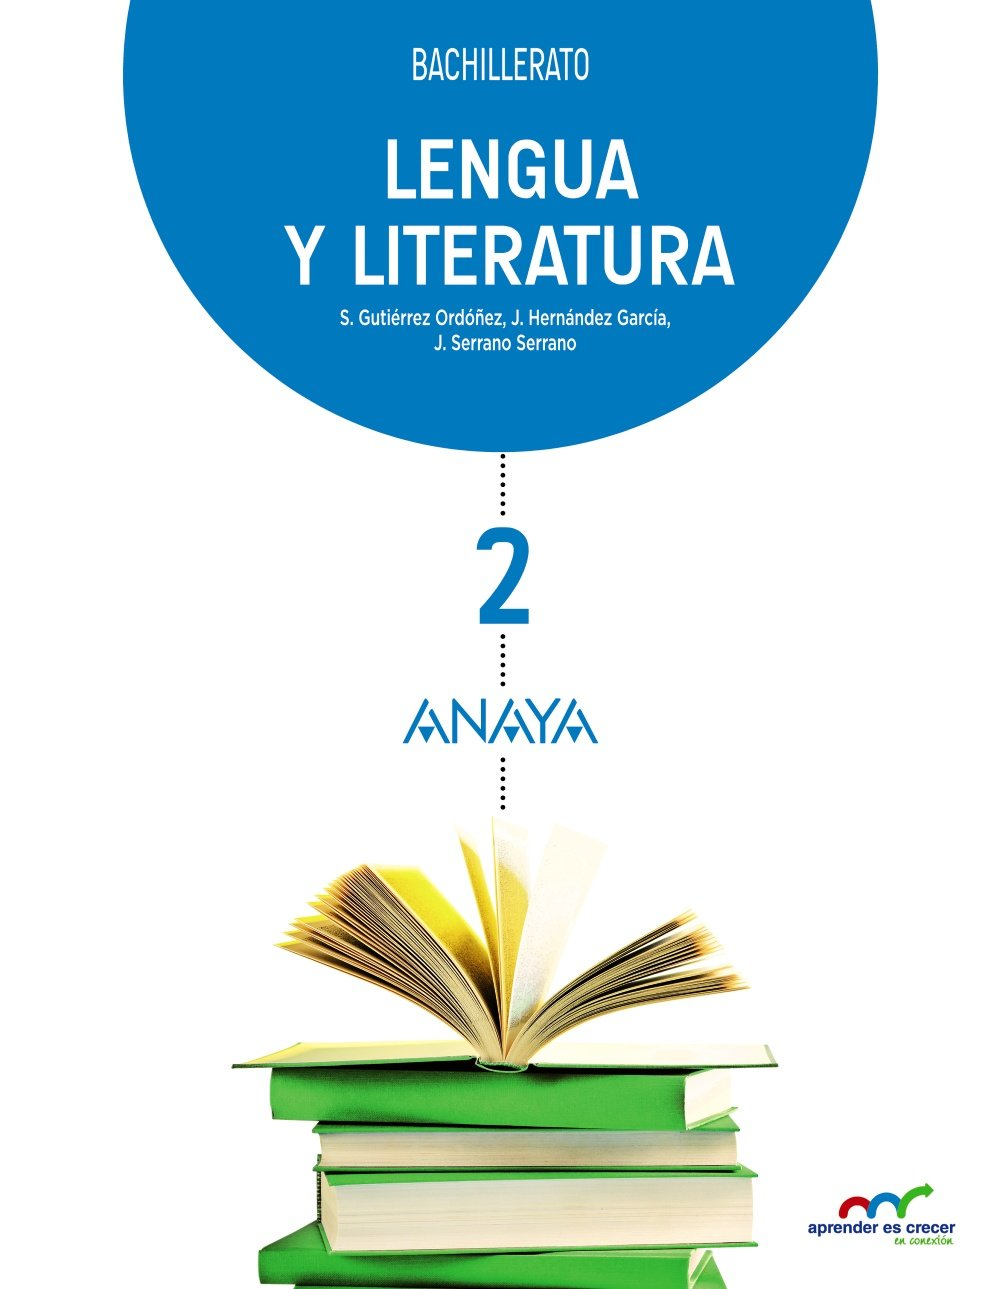 Lengua y Literatura 2 Aprender es crecer en conexión: Amazon.es: Gutiérrez Ordóñez, Salvador, Serrano Serrano, Joaquín, Hernández García, Jesús: Libros